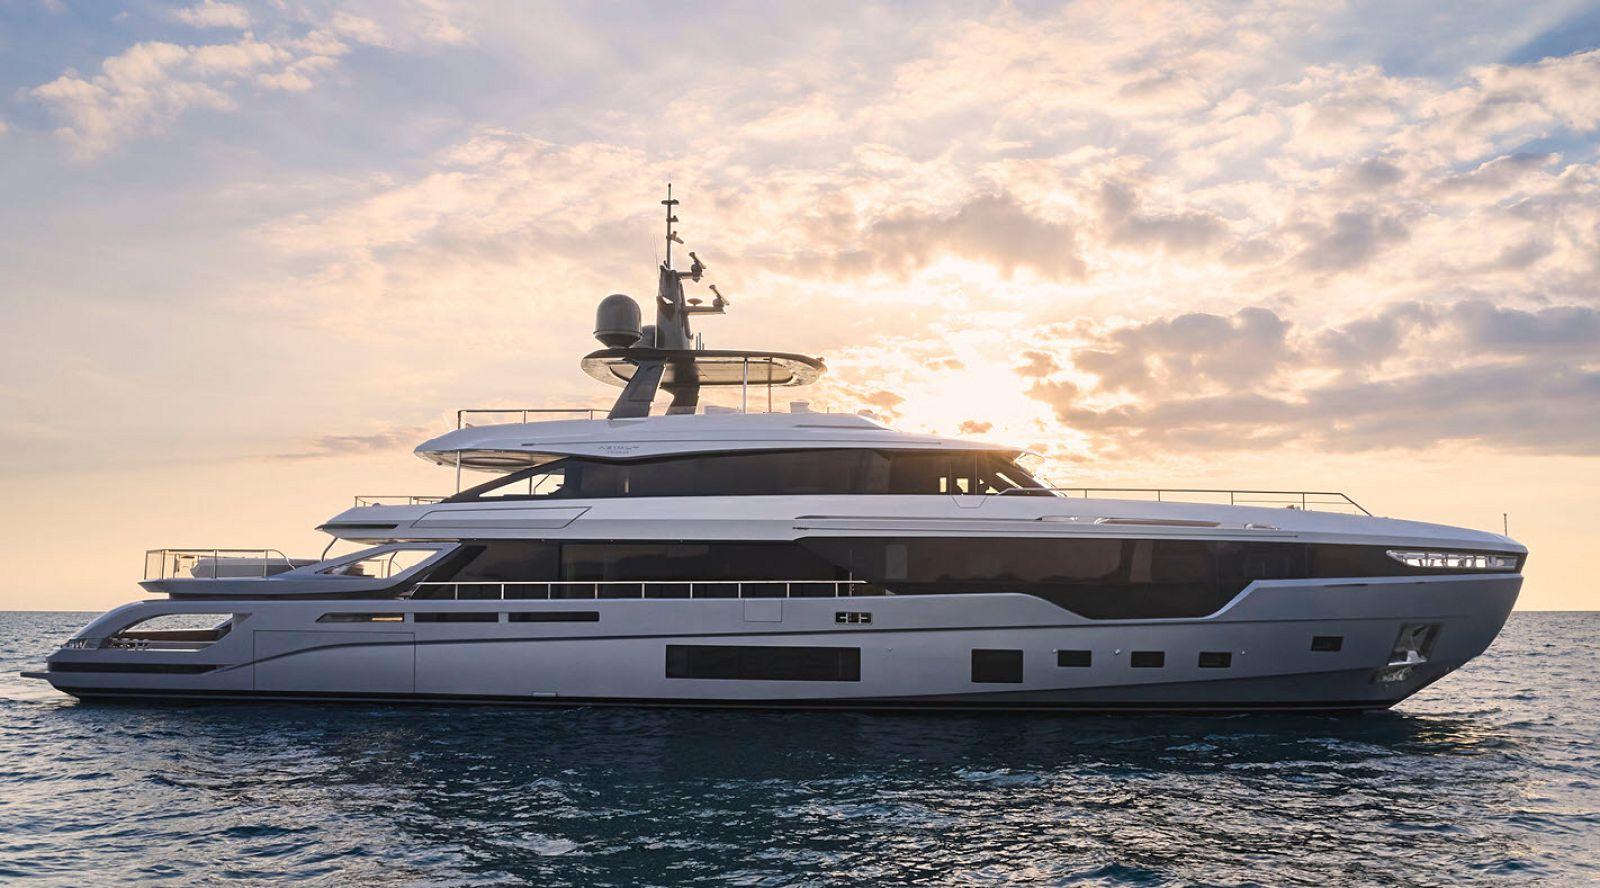 azimut grande tri deck yacht for sale